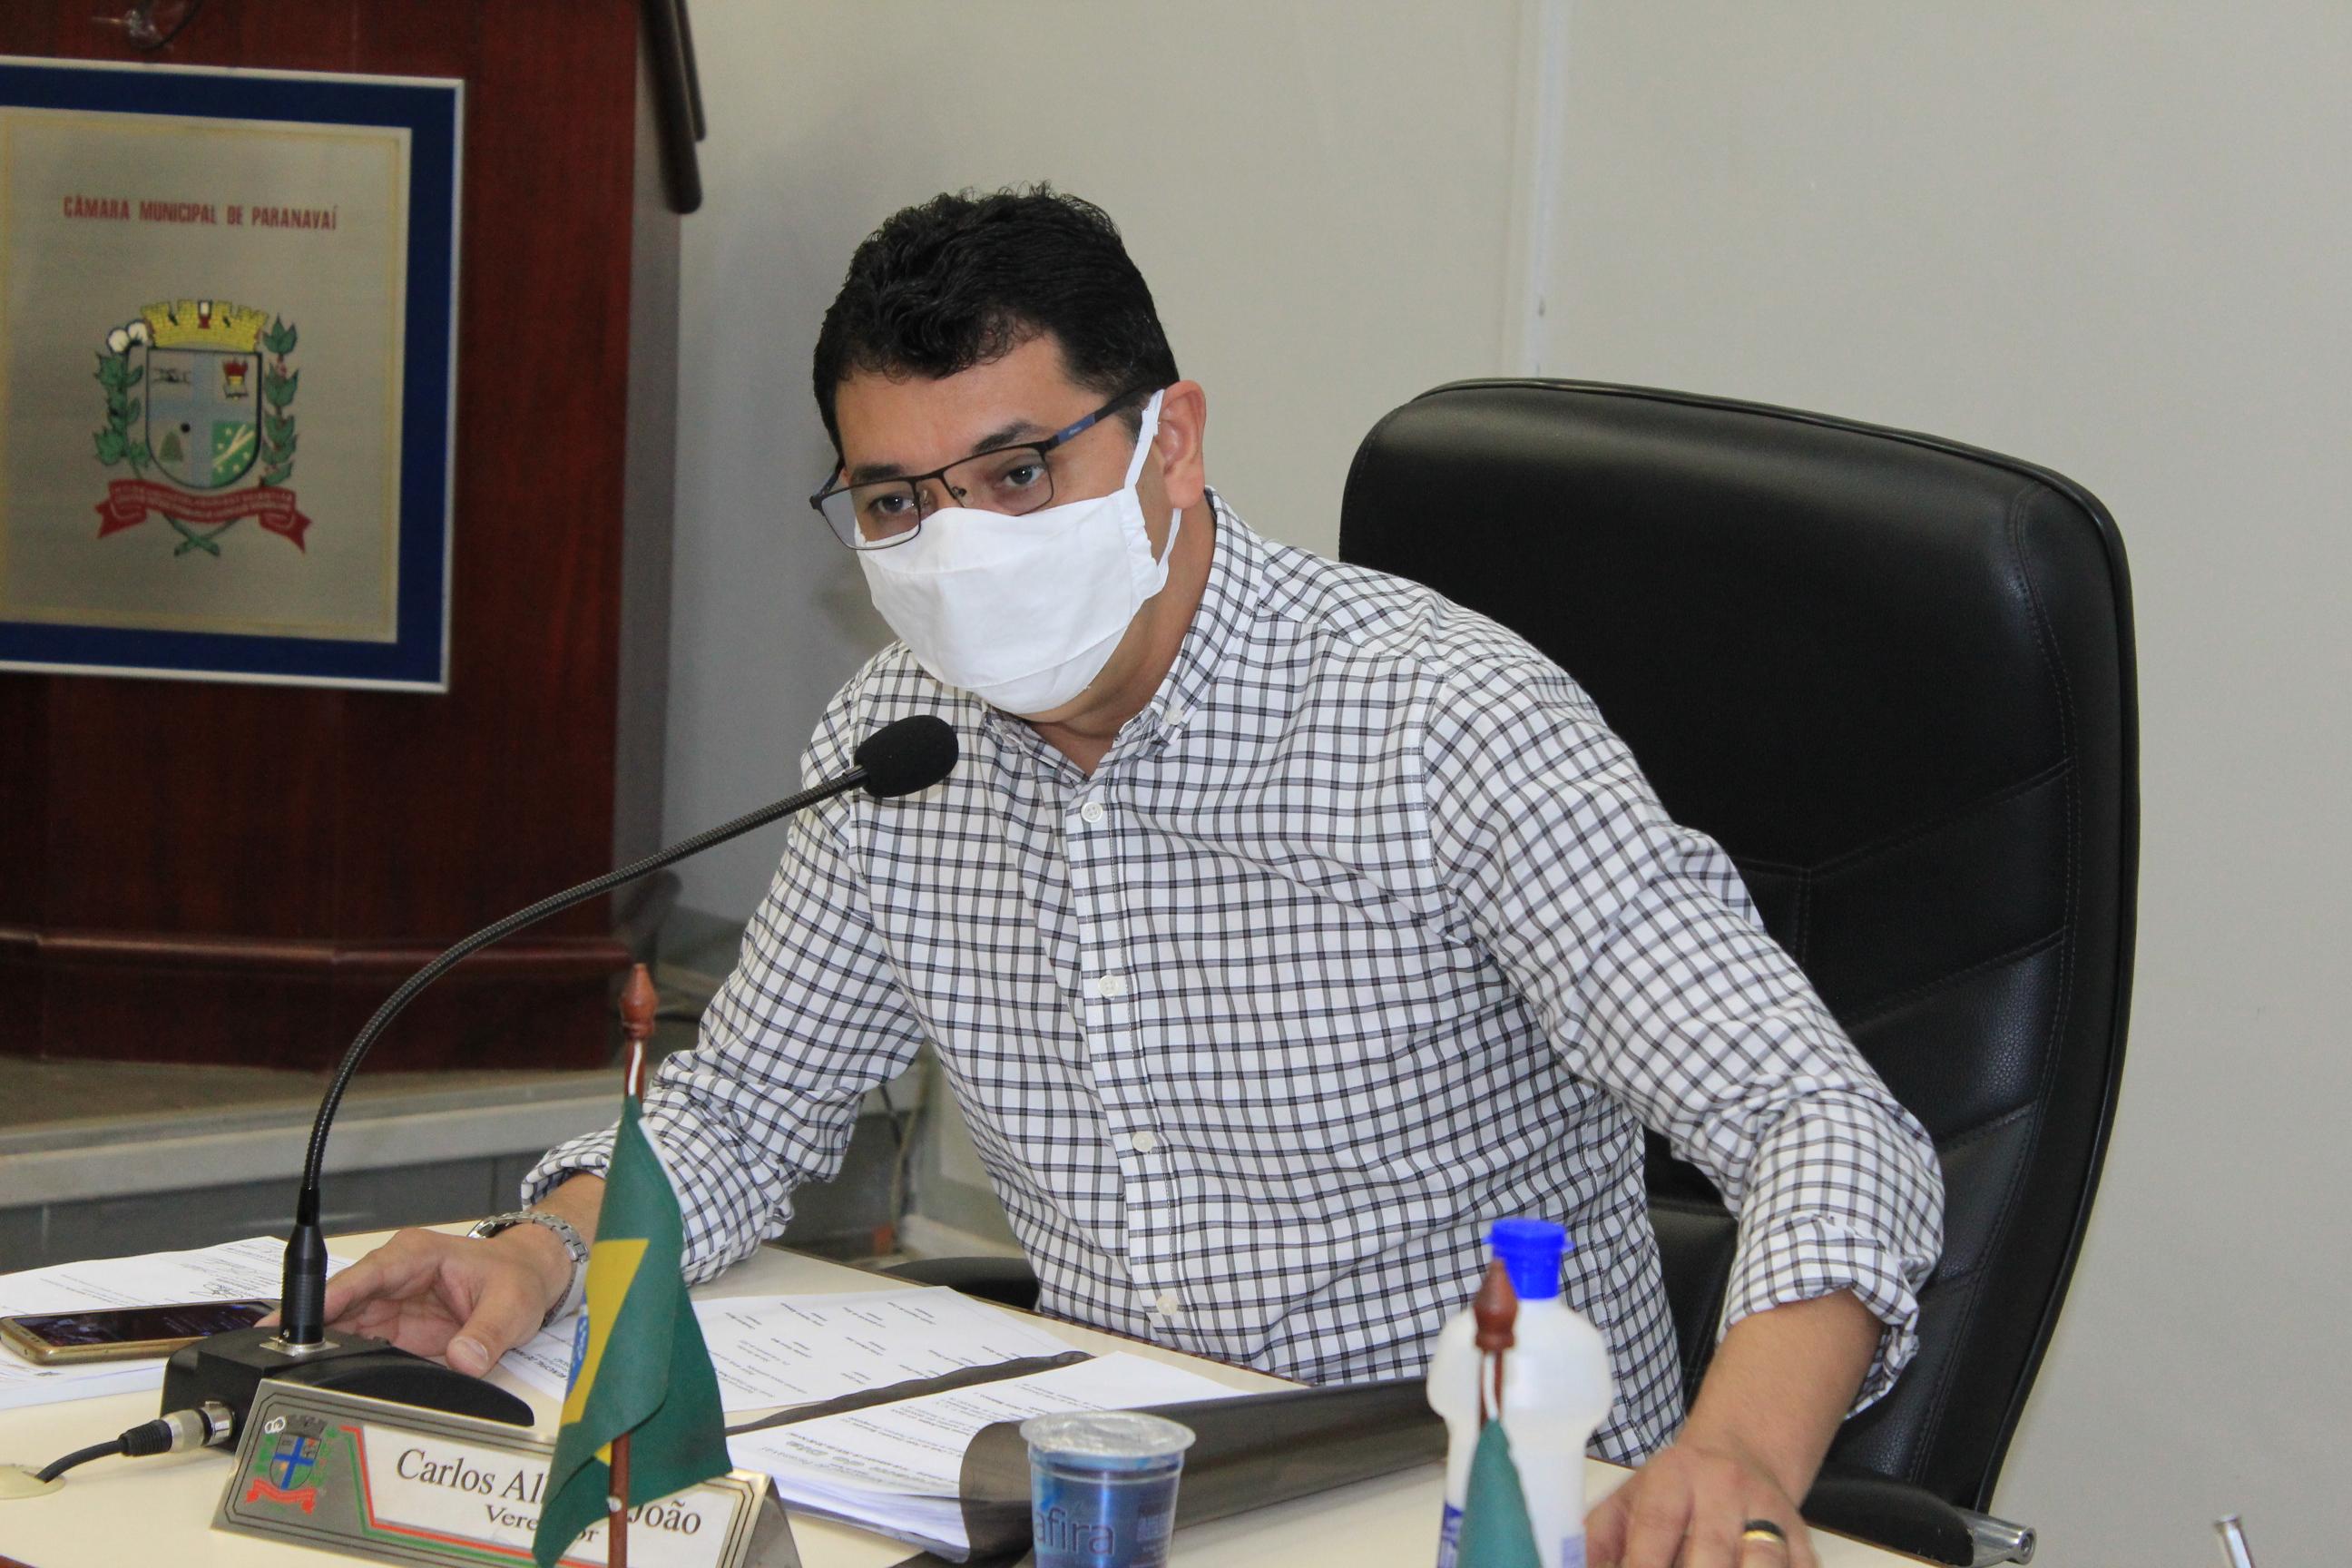 Parlamentar elabora requerimento sobre cargos comissionados da prefeitura